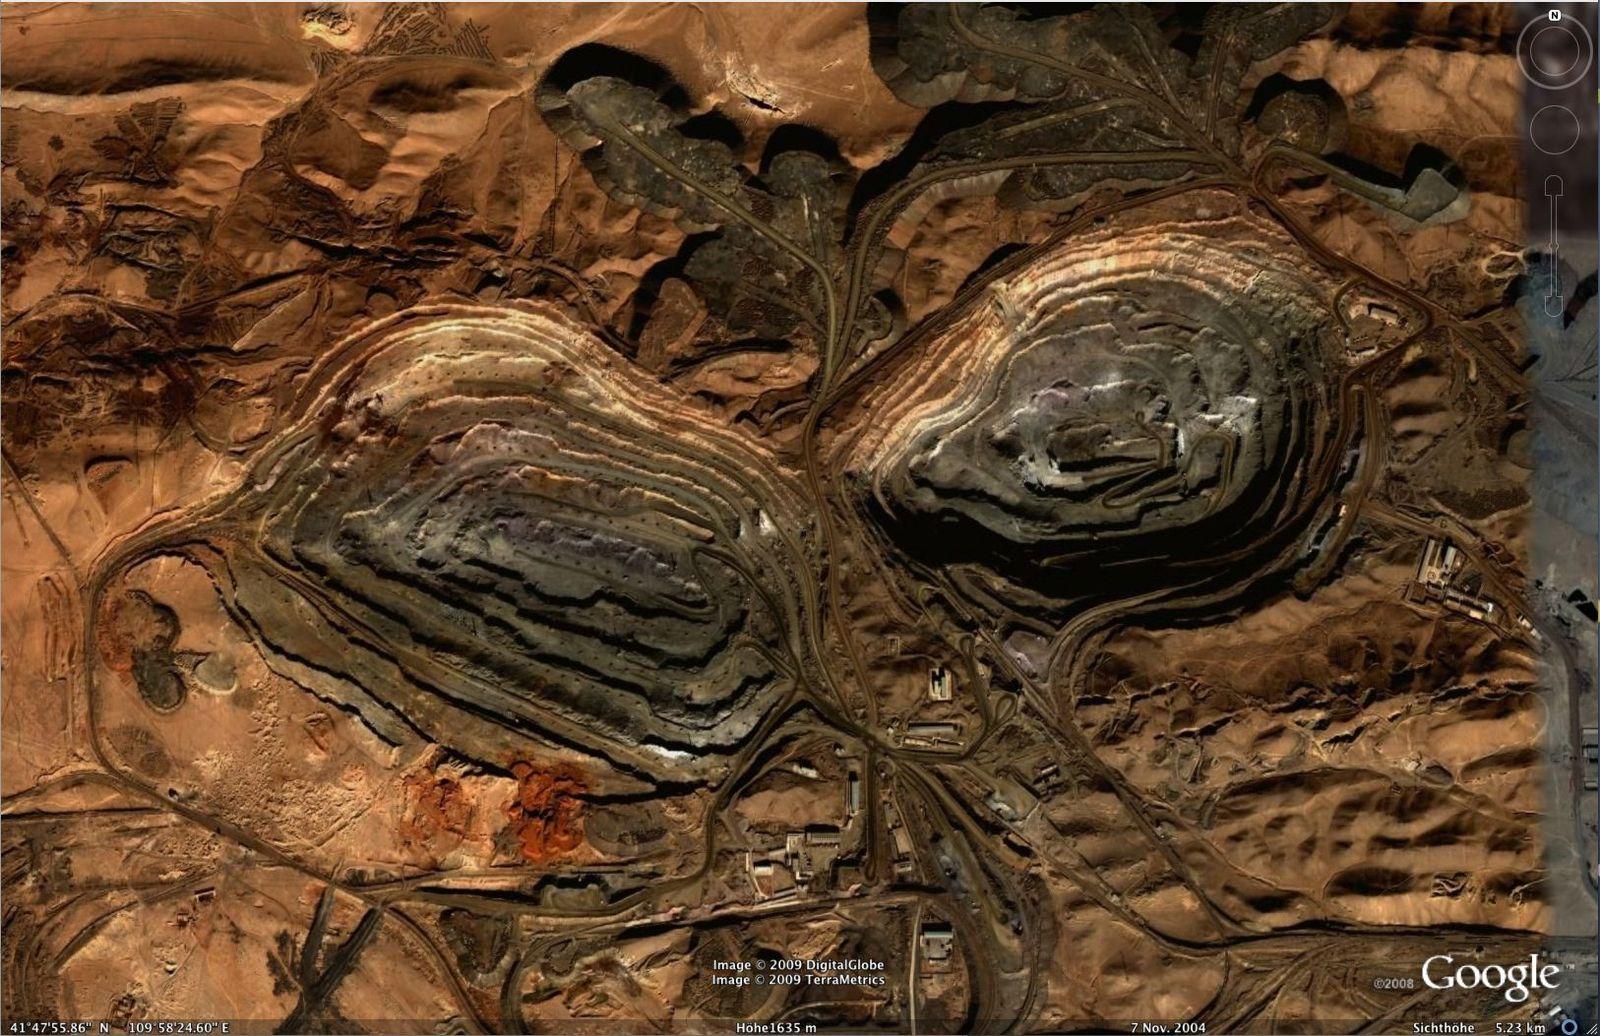 DER SPIEGEL 45/2009 Seite 85 Rohstofflücke, Bergwerk China Google Earth